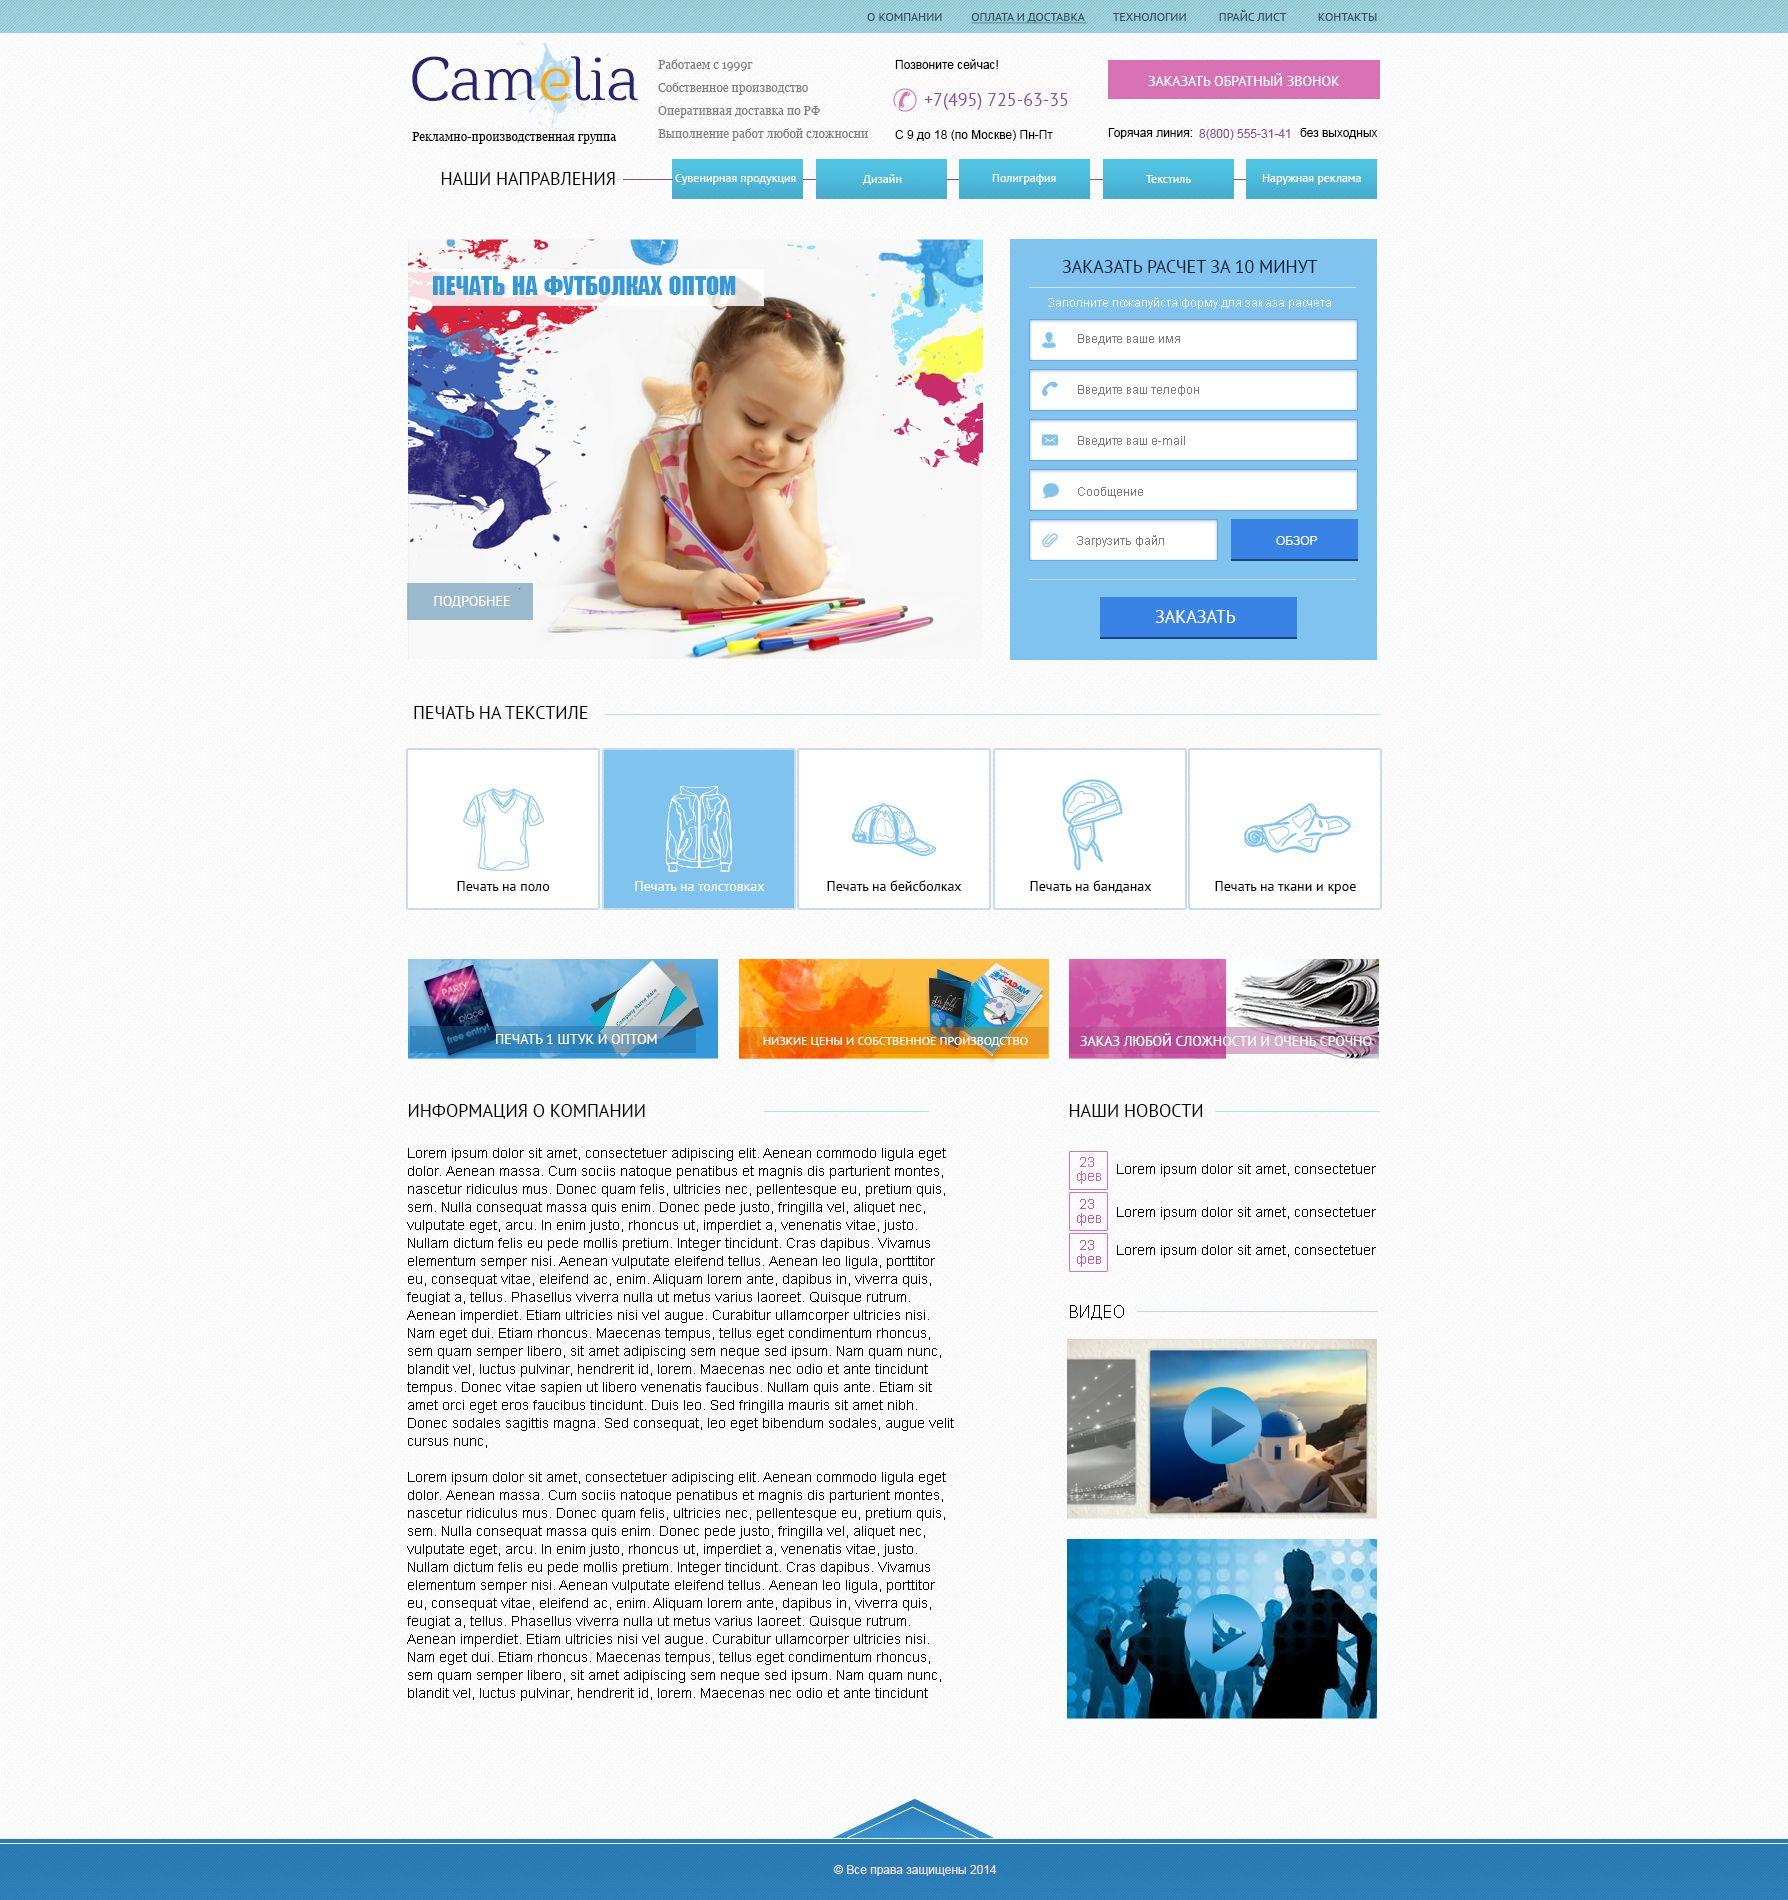 Дизайн главной страницы сайта - дизайнер Naysan